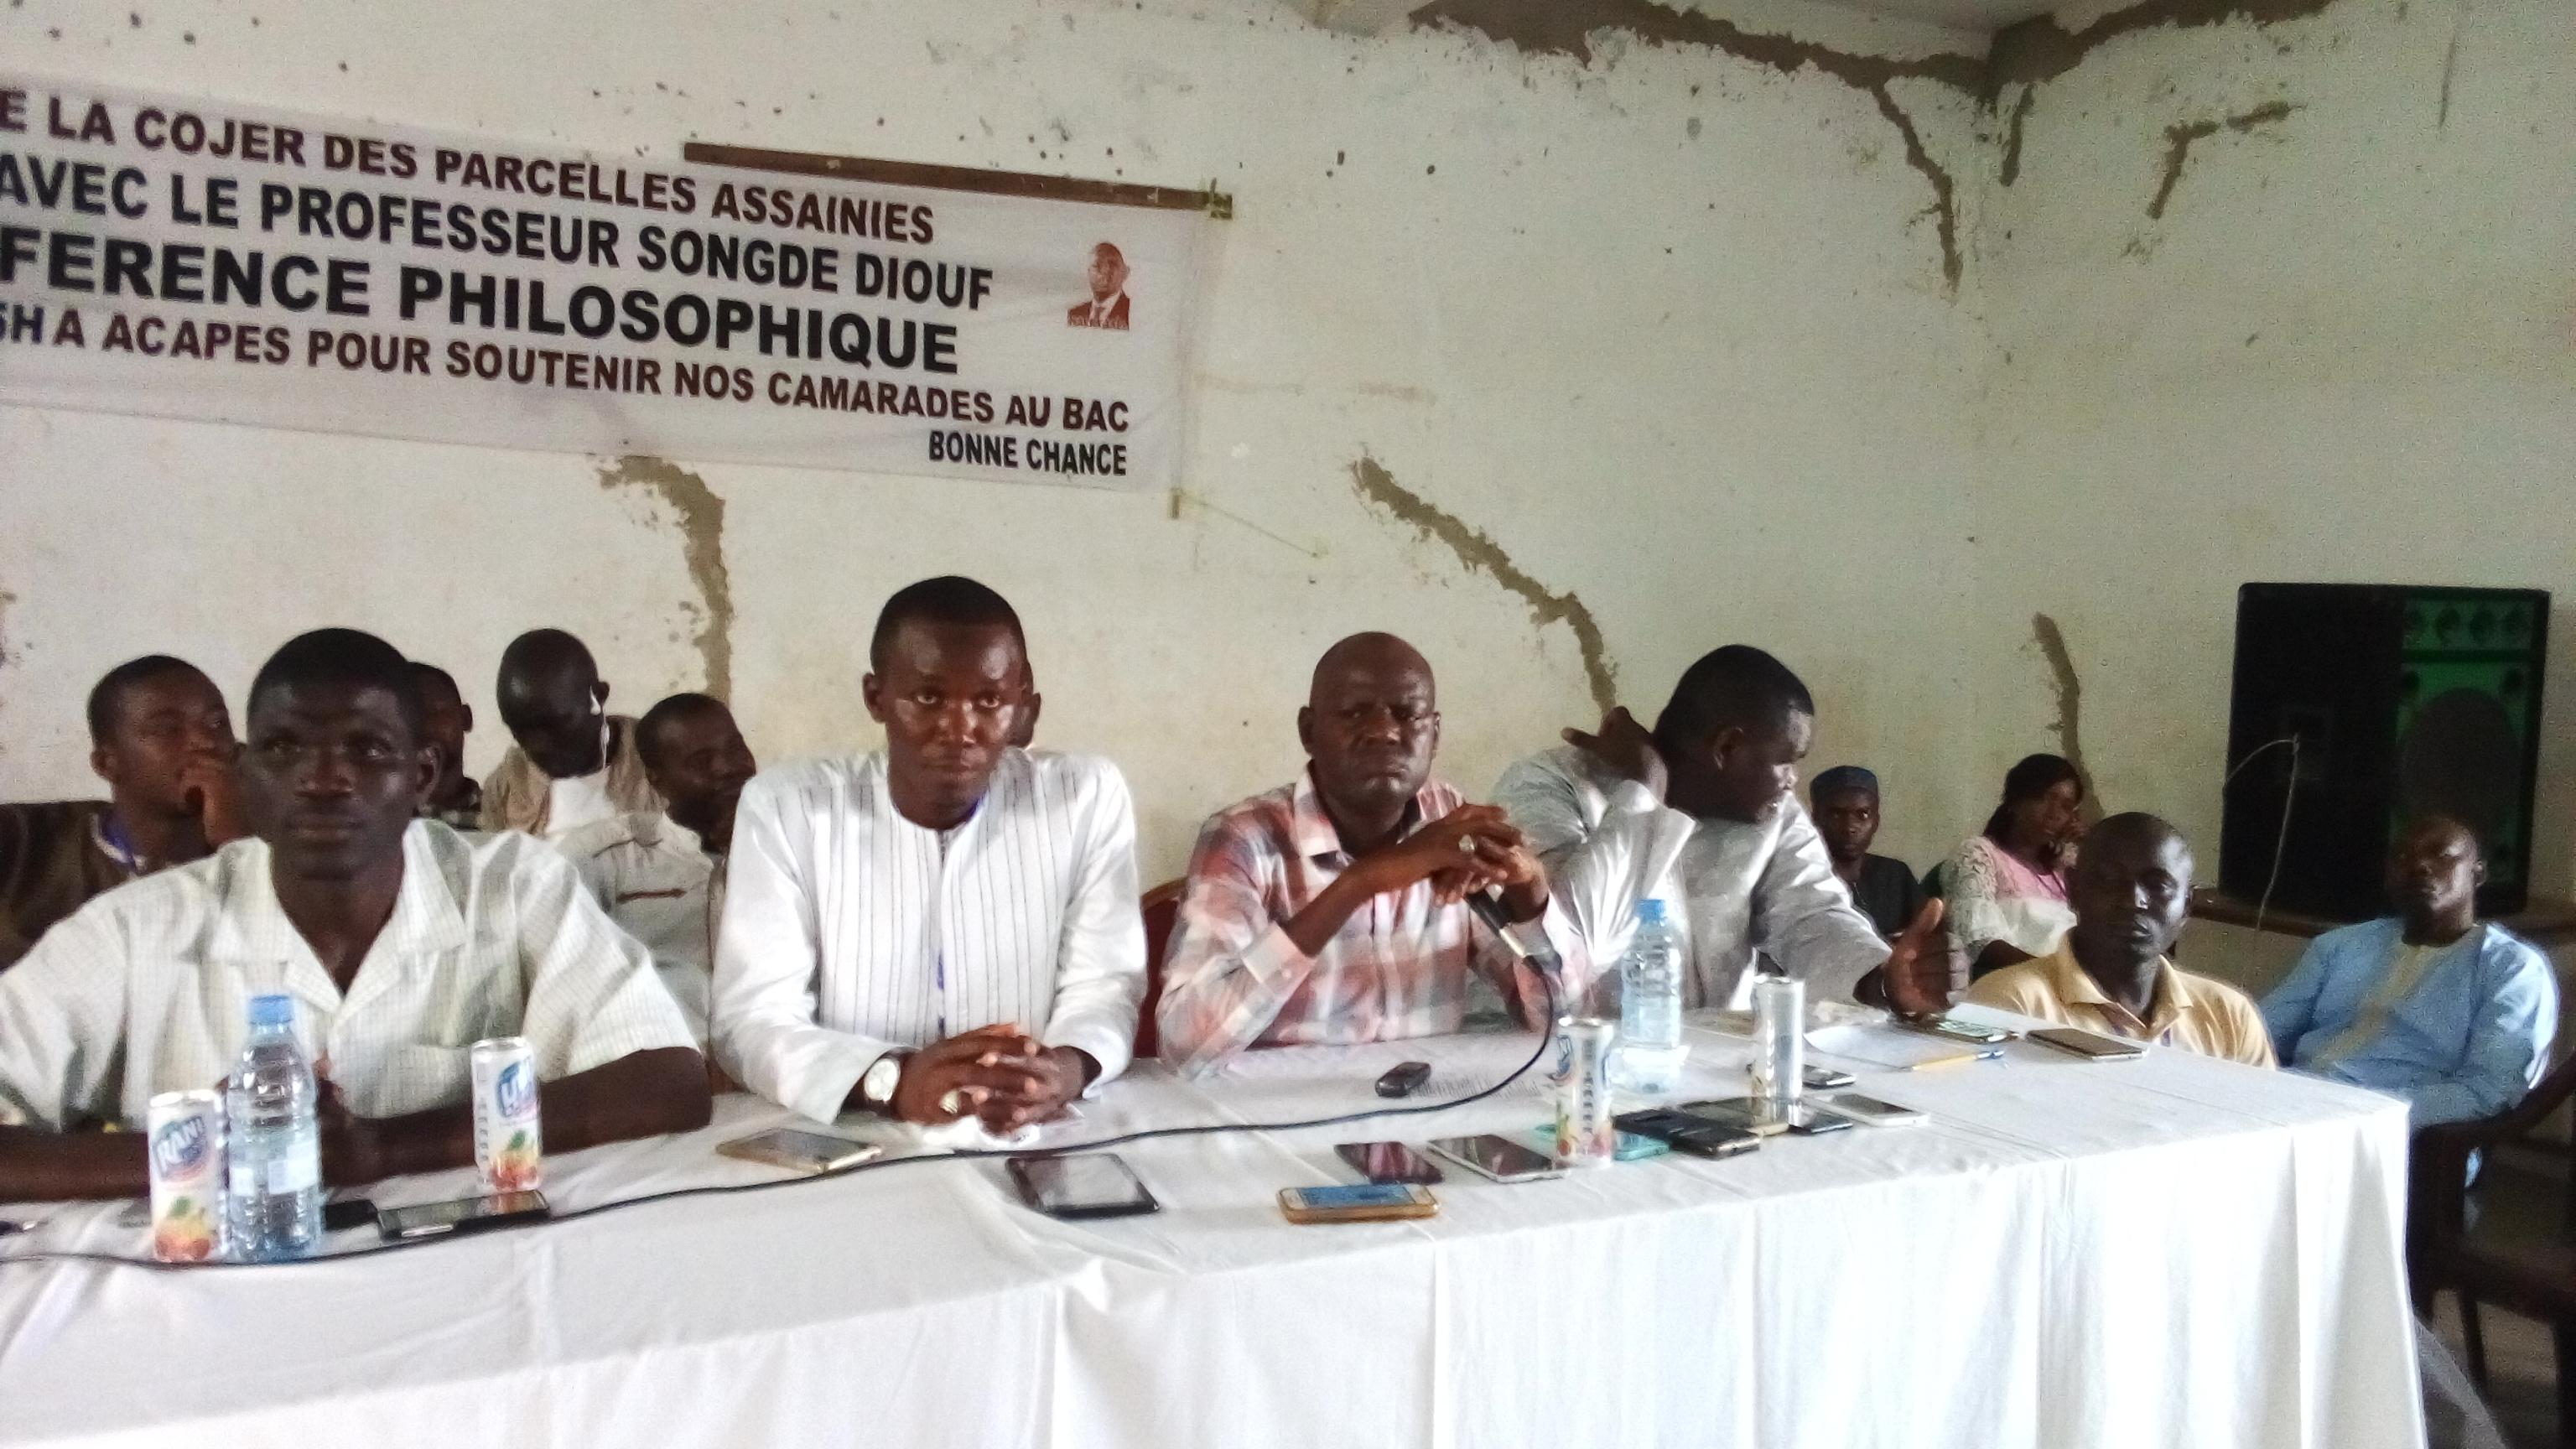 Pr Songhé Diouf sur l'enseignement de la philosophie en classe de seconde : « ils n'auront pas le niveau»